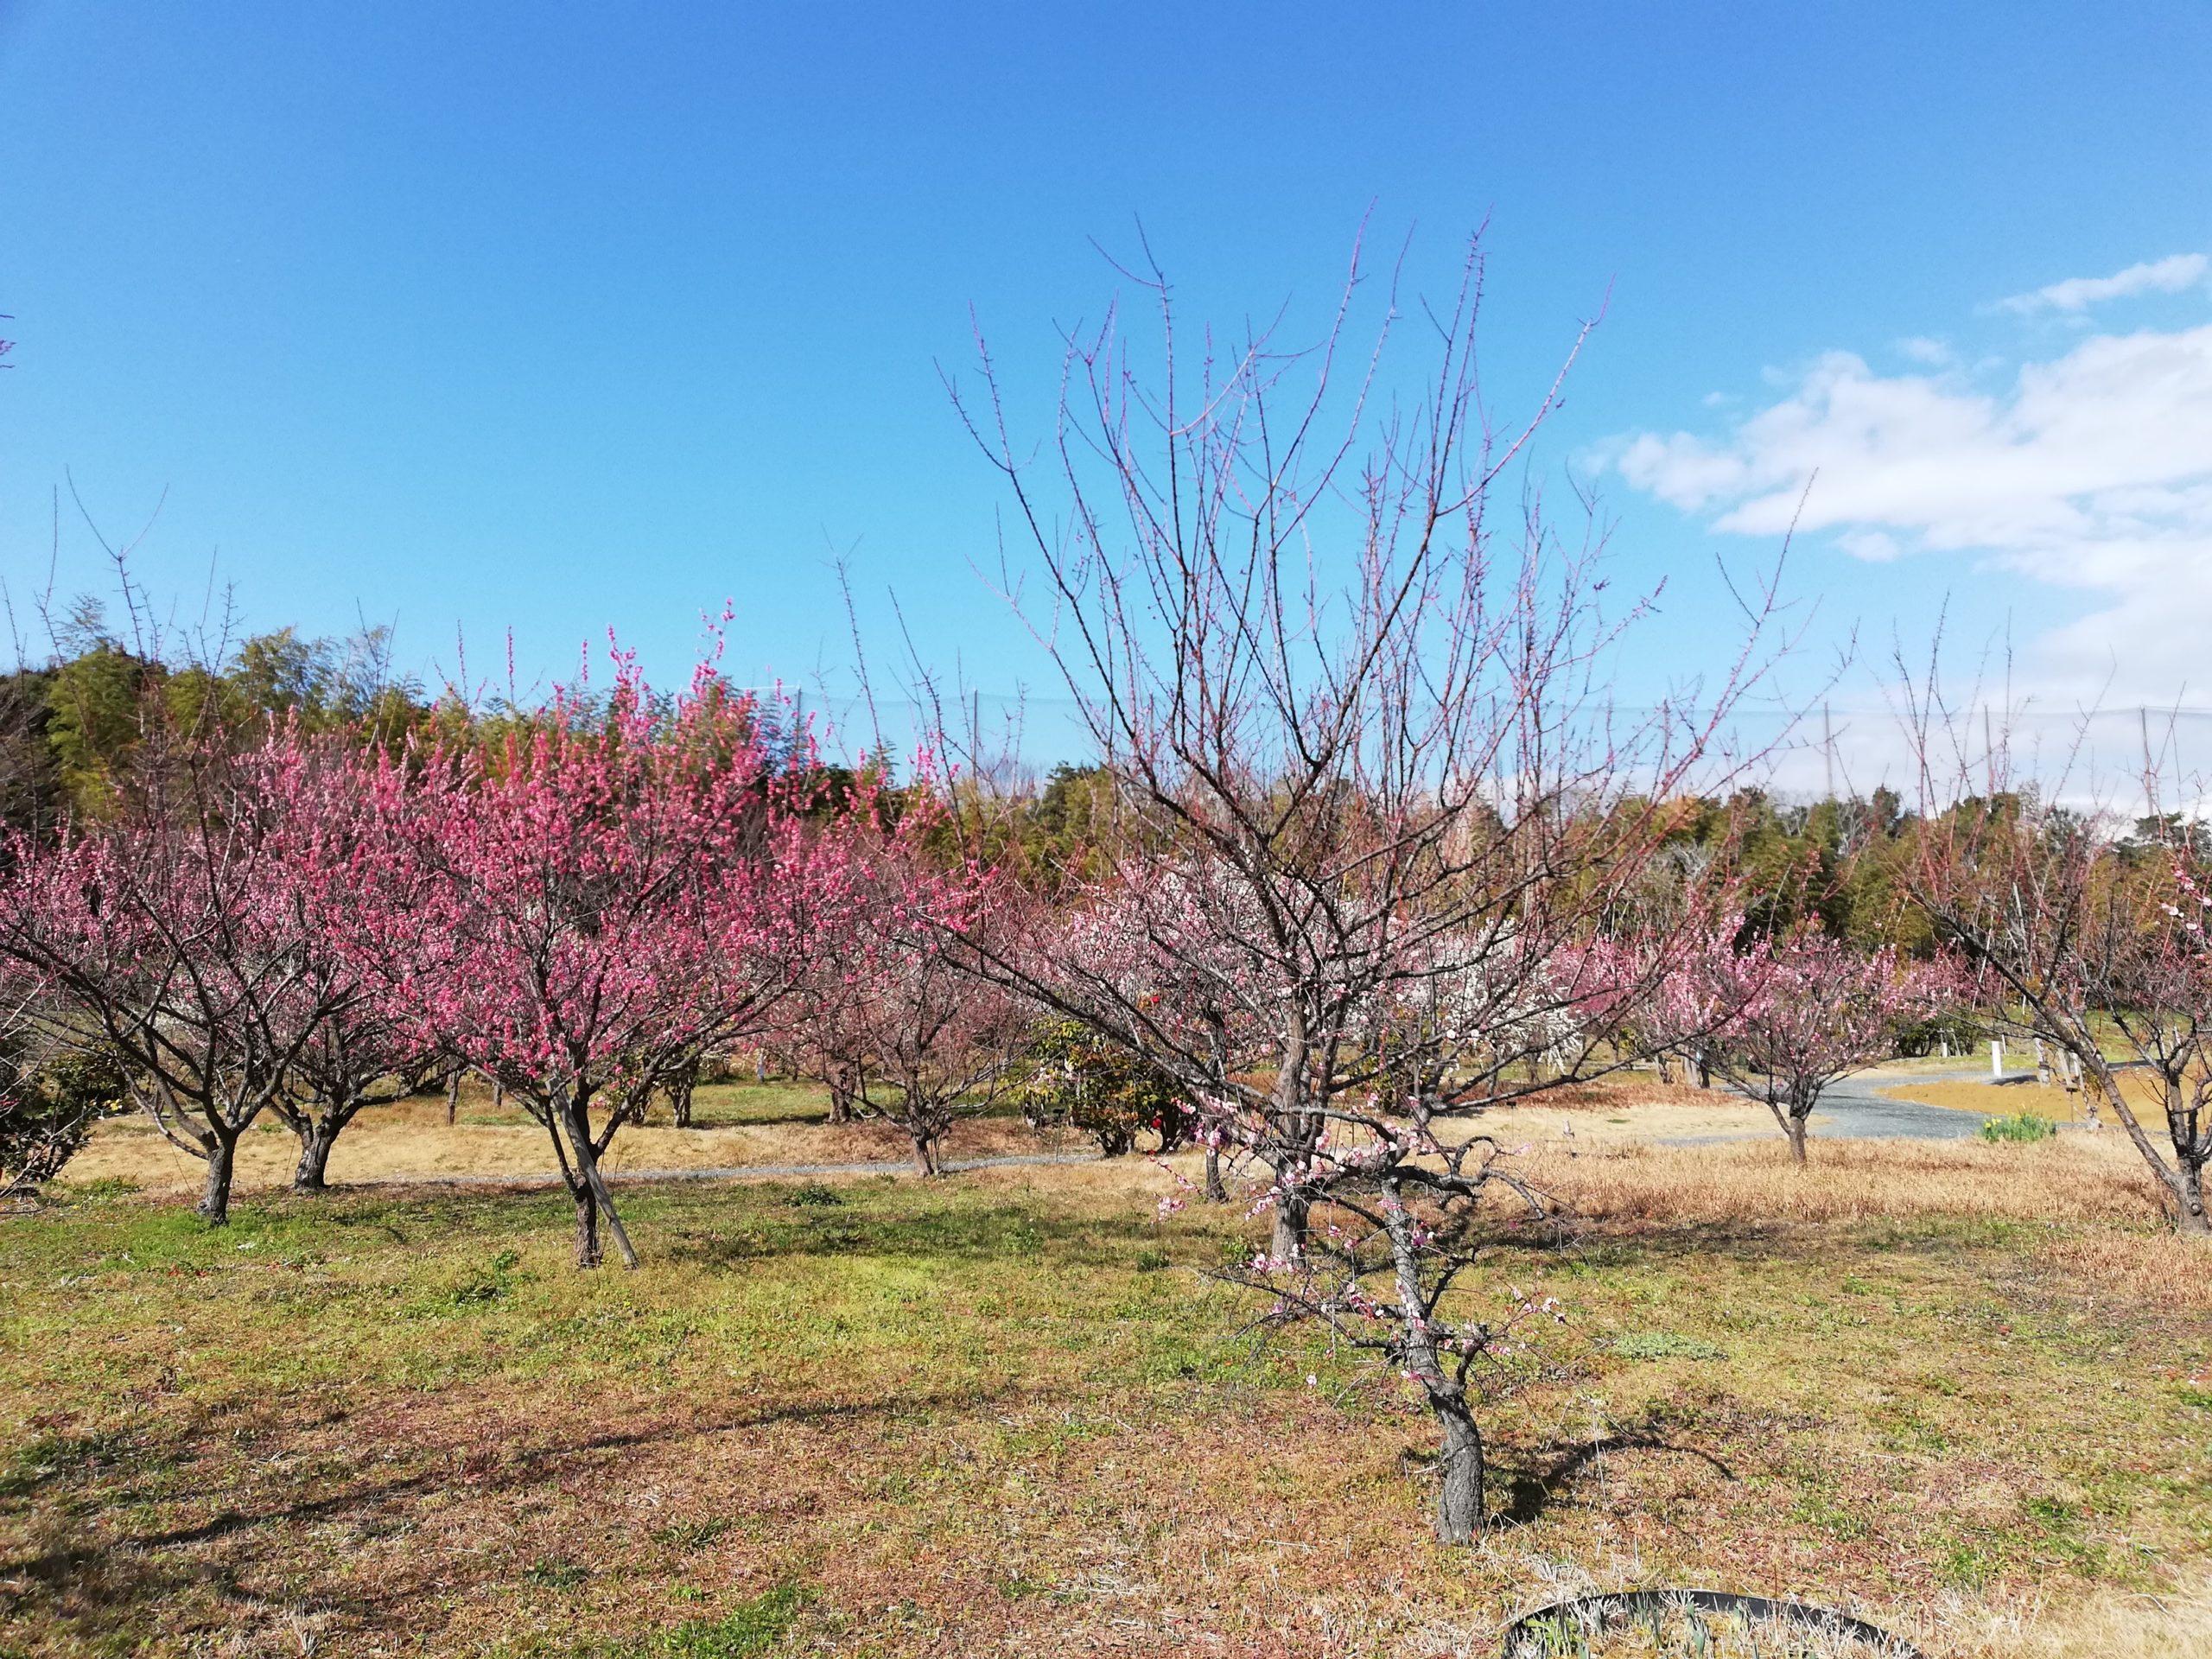 静岡県内でペットと遊ぶ 静岡県浜松市 浜名湖ガーデンパーク 梅園